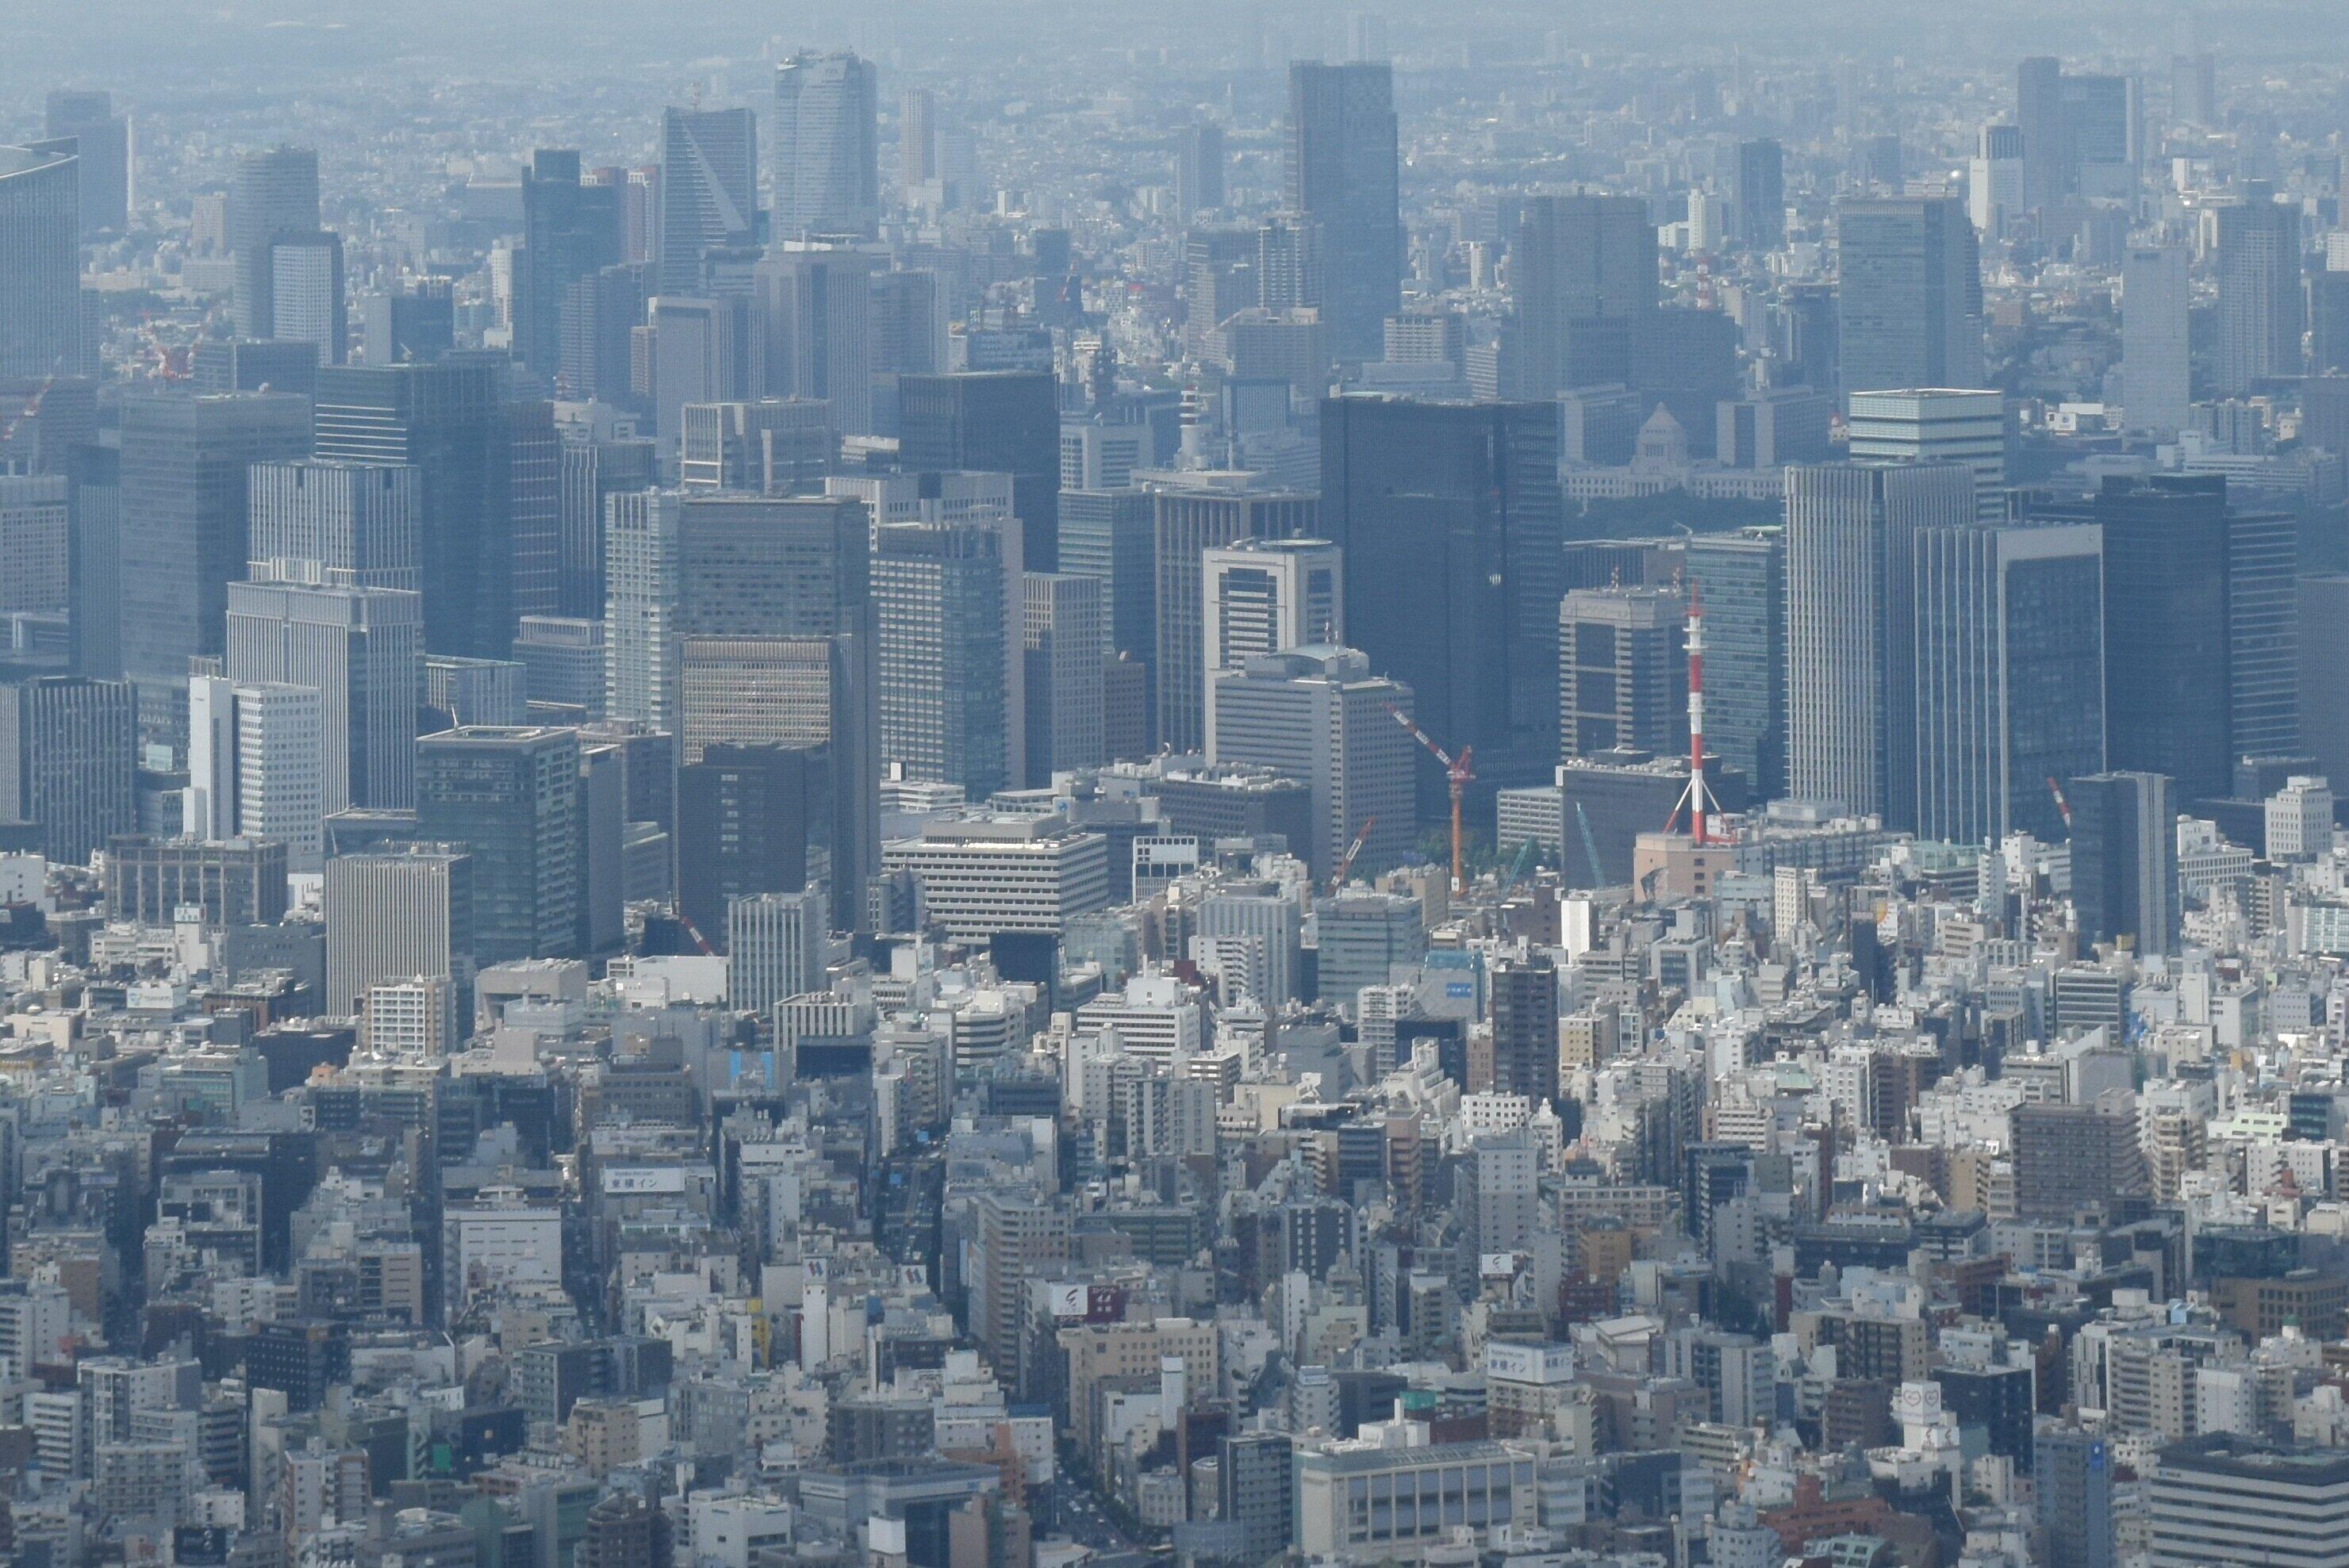 東京の一極集中、終わりの始まり? 「住みたい街ランキング」にも異変